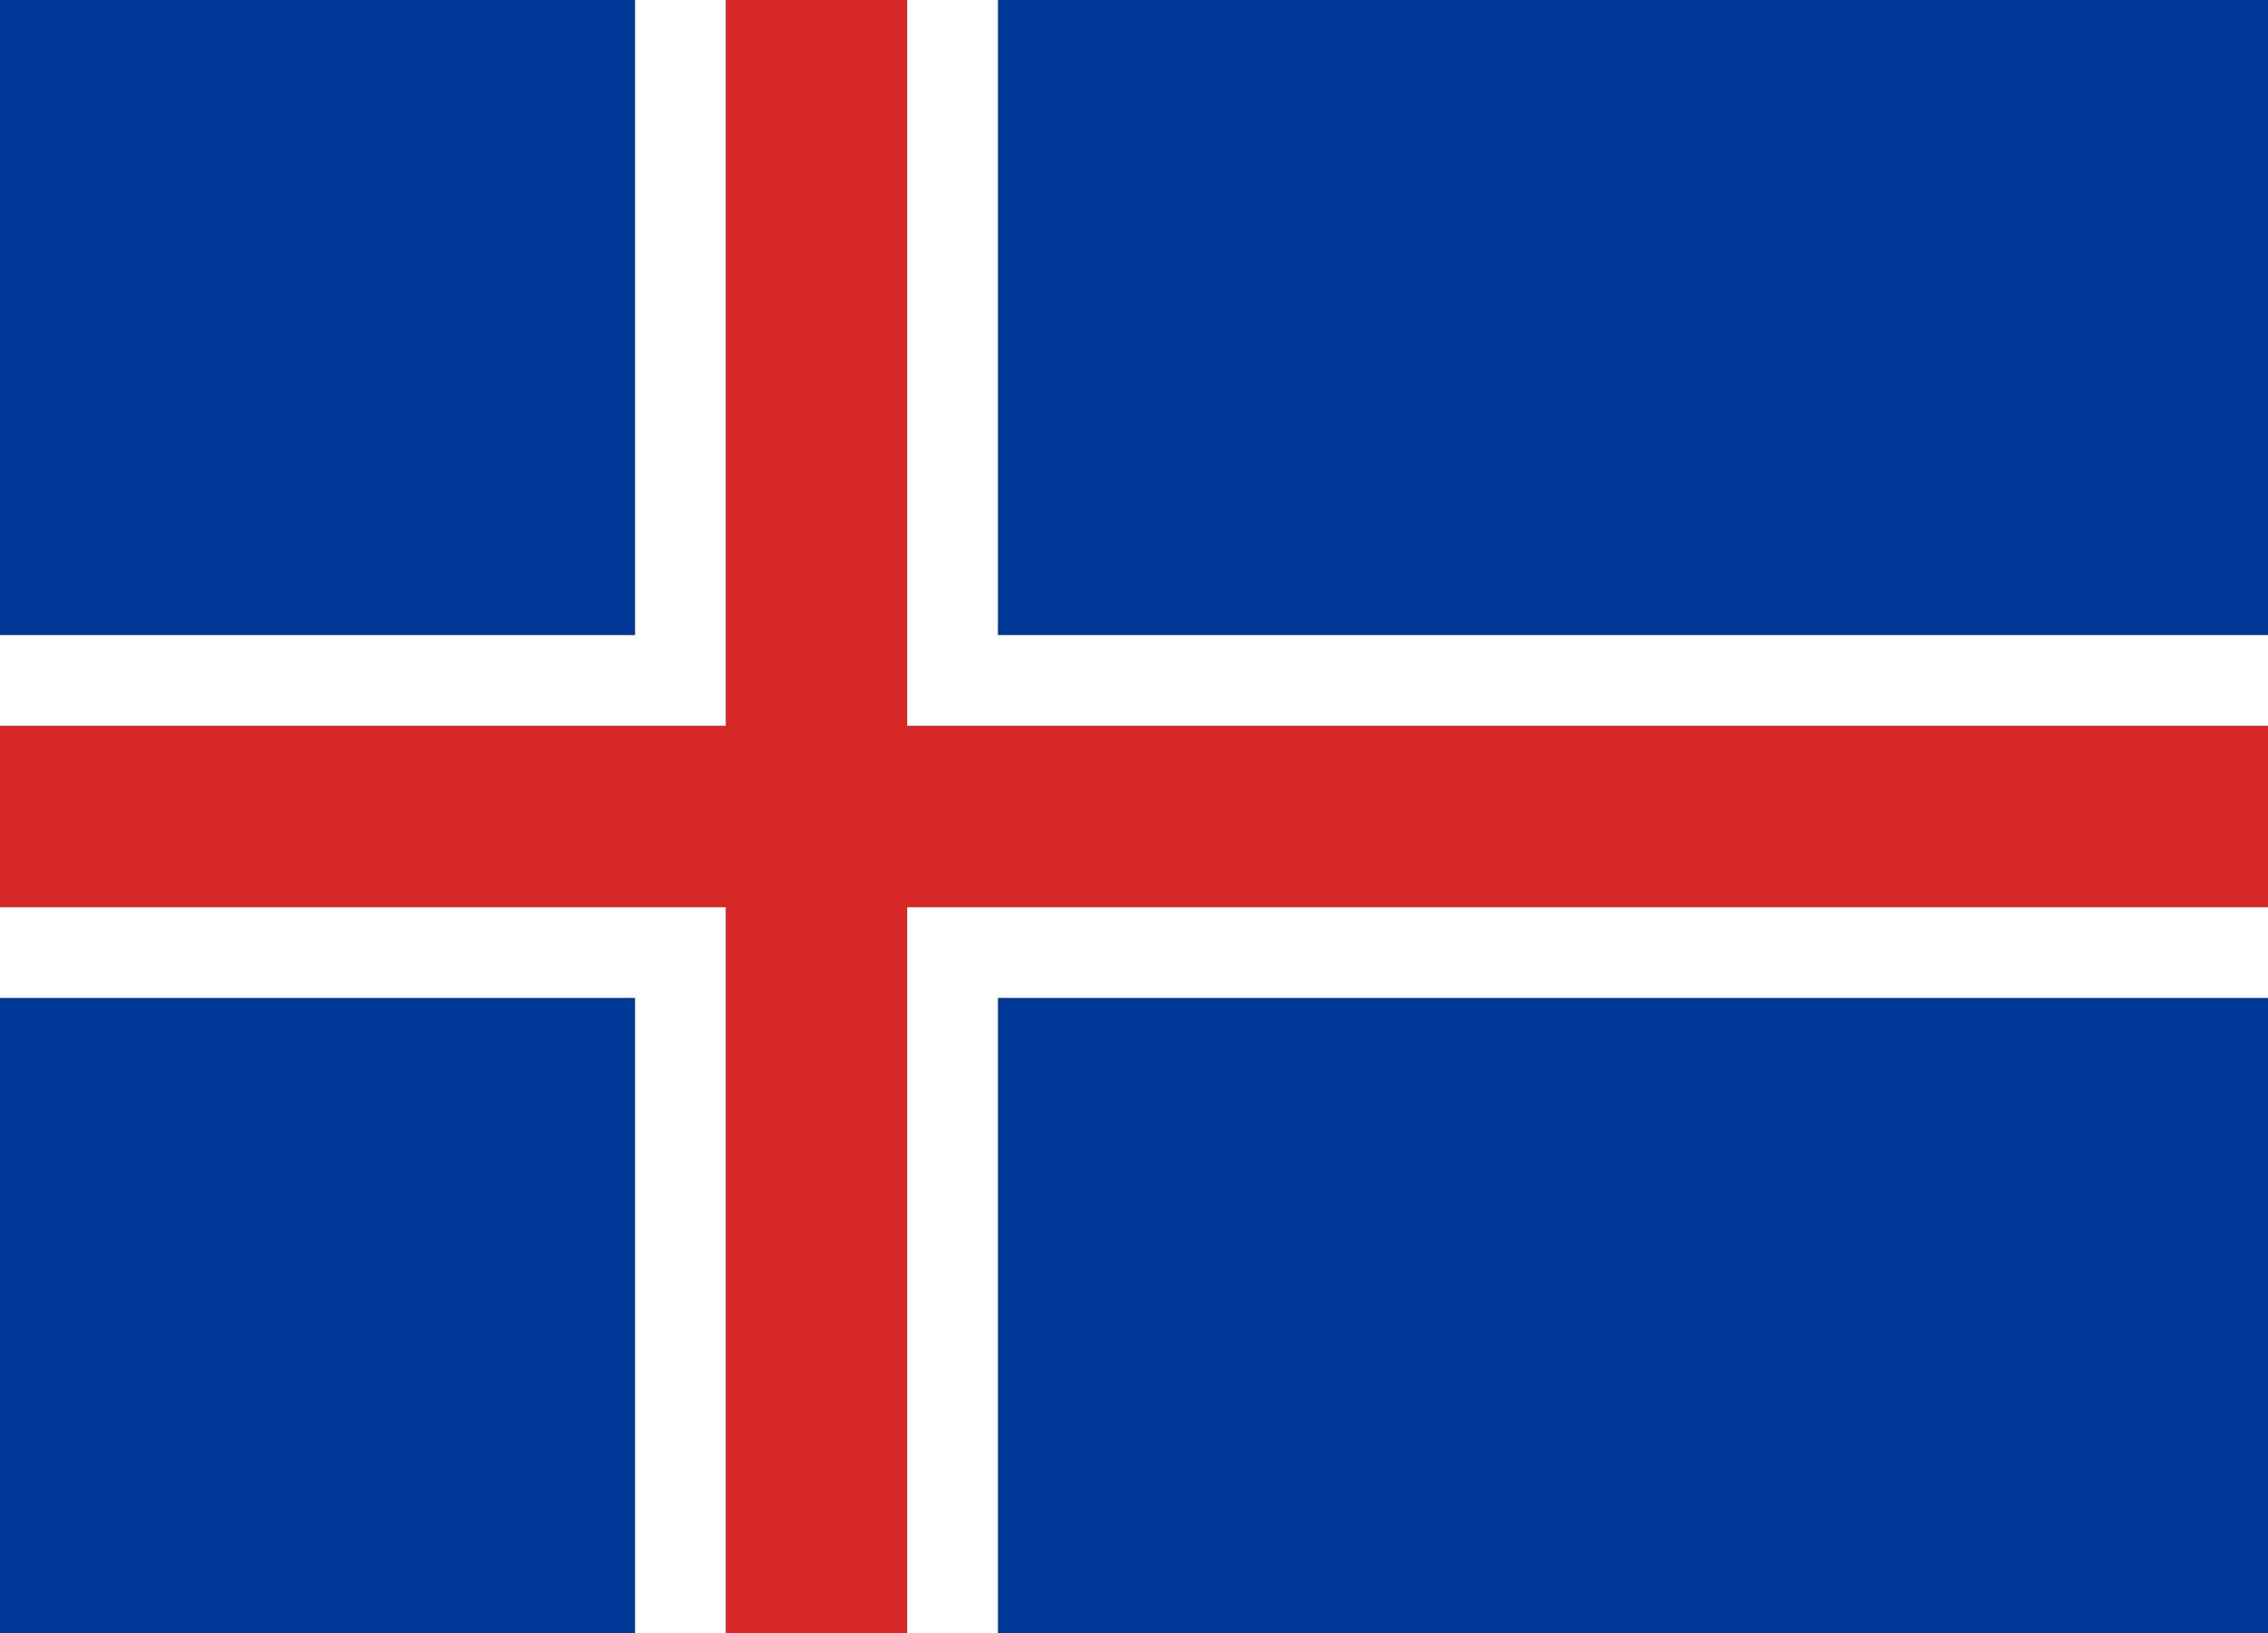 Исландия, страна, Эмблема, логотип, символ - Обои HD - Профессор falken.com